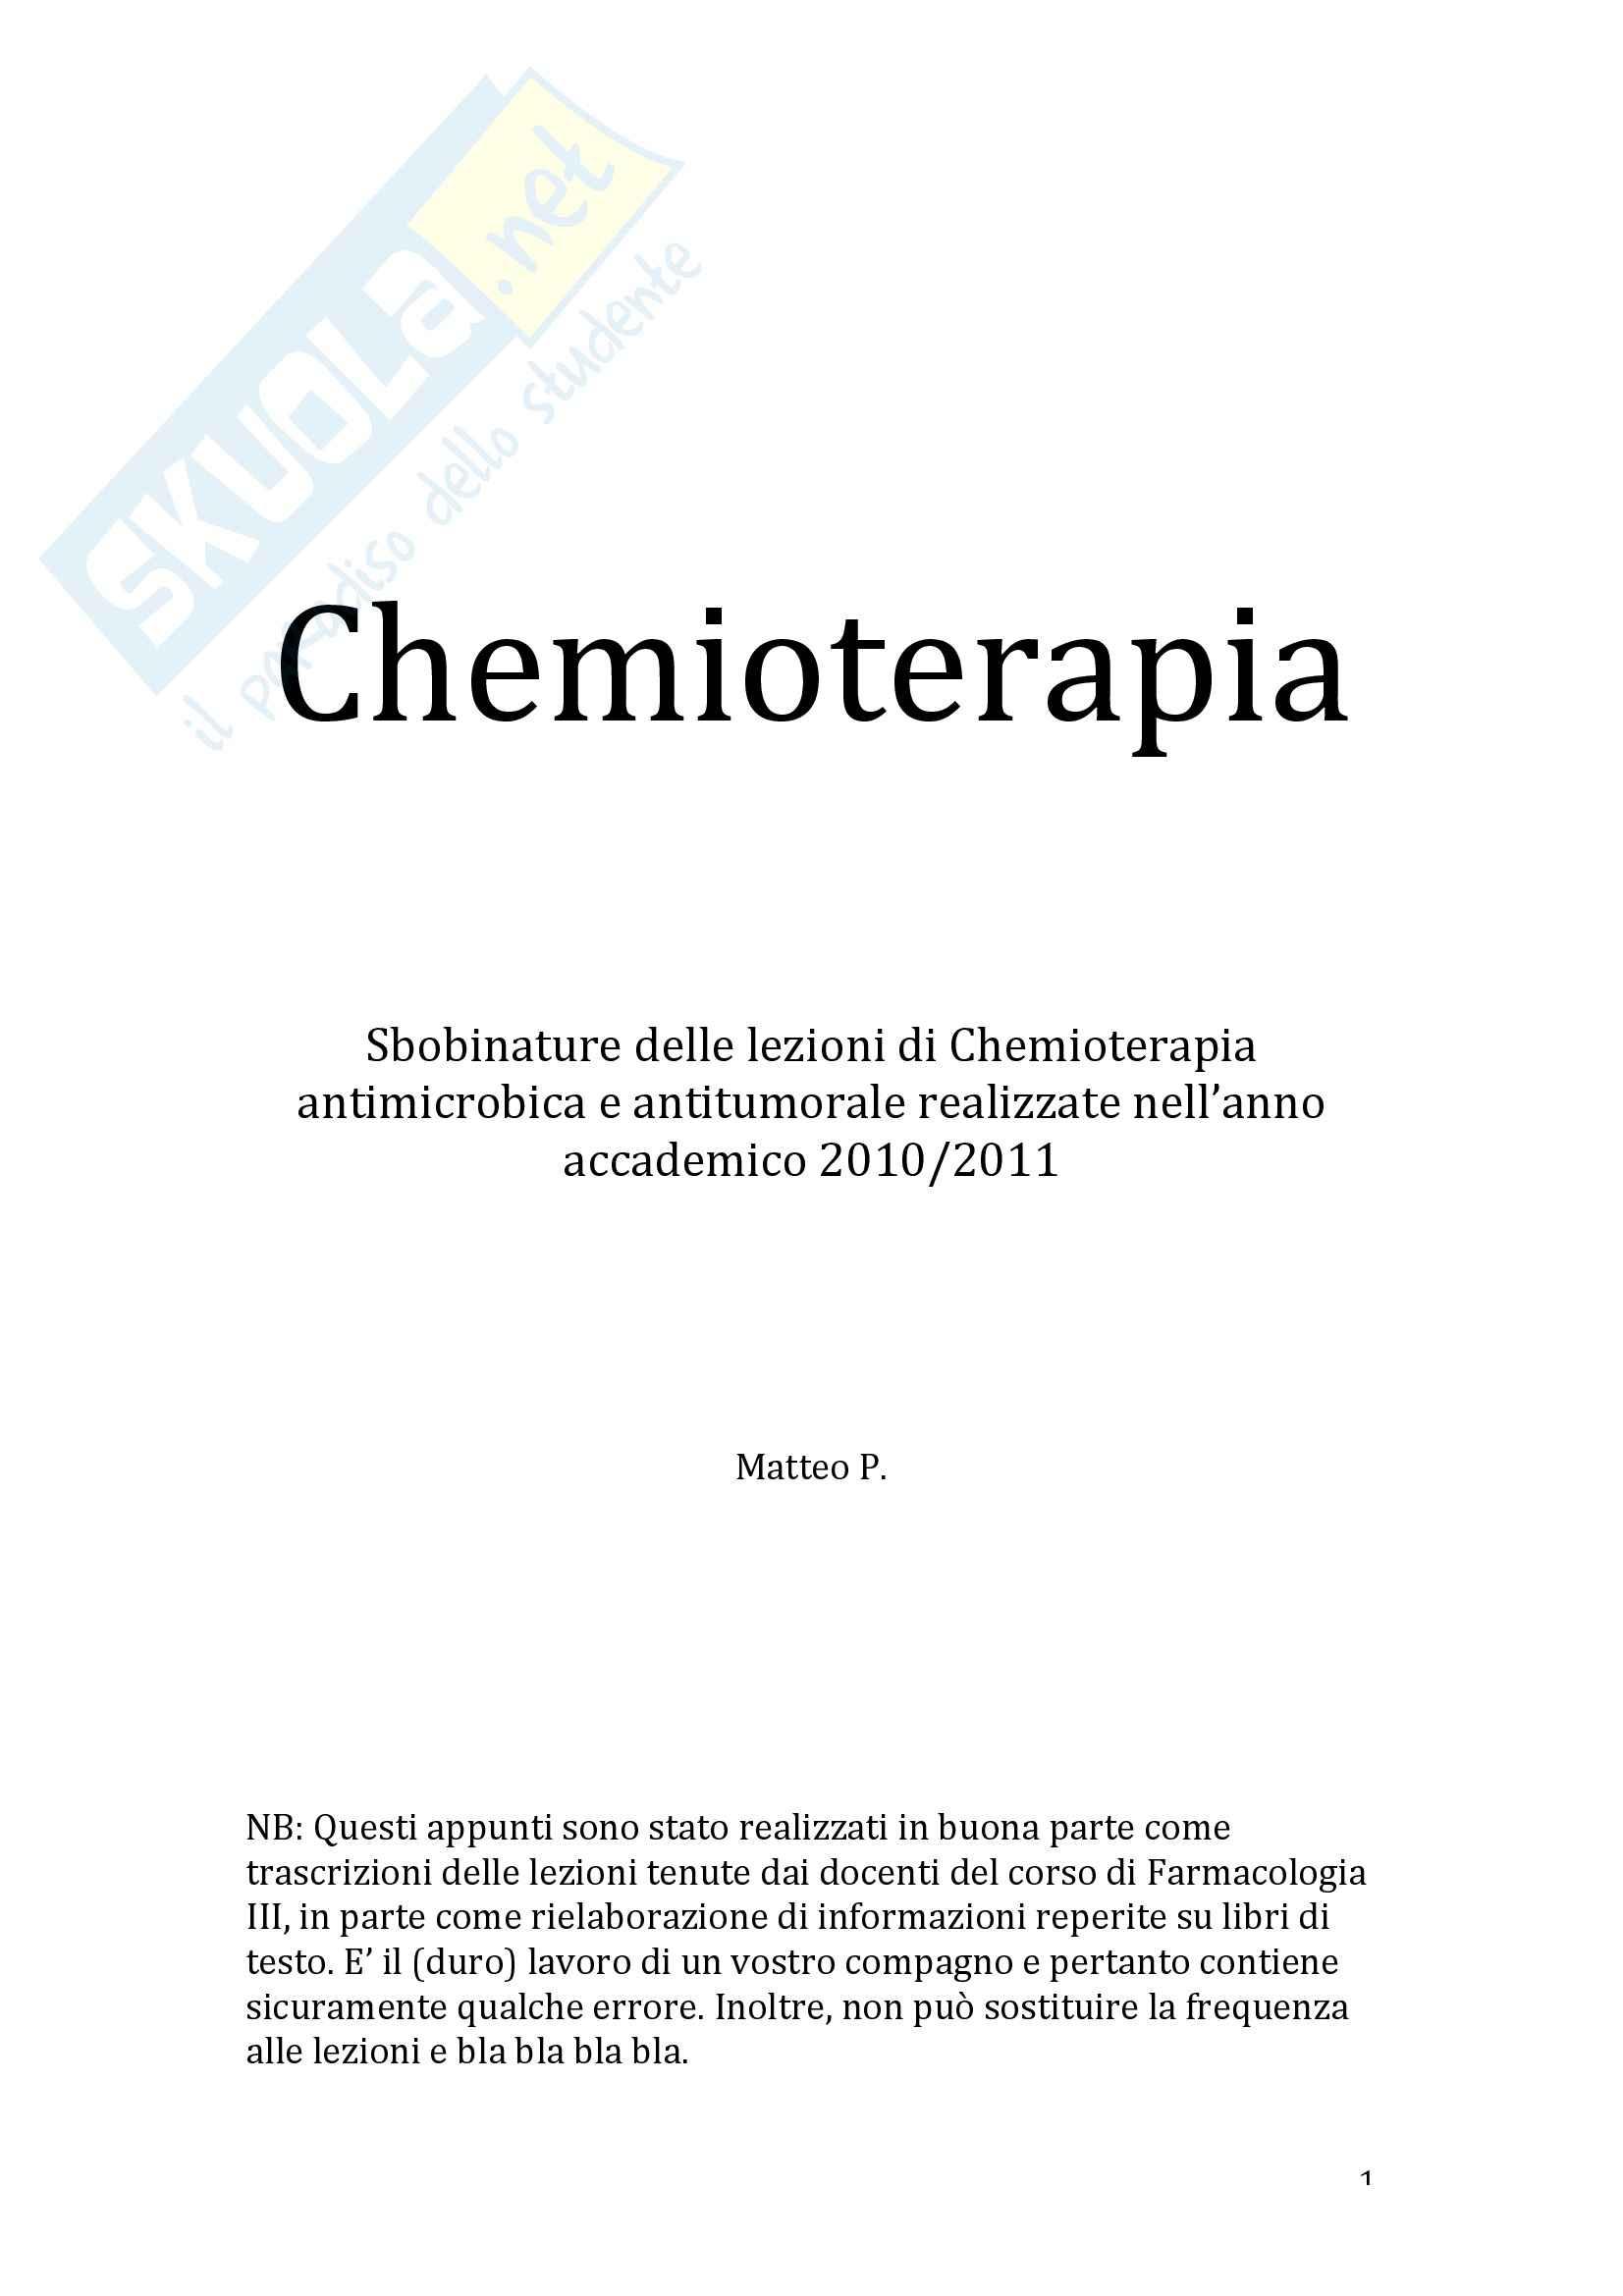 Sbobinature delle lezioni di Chemioterapia